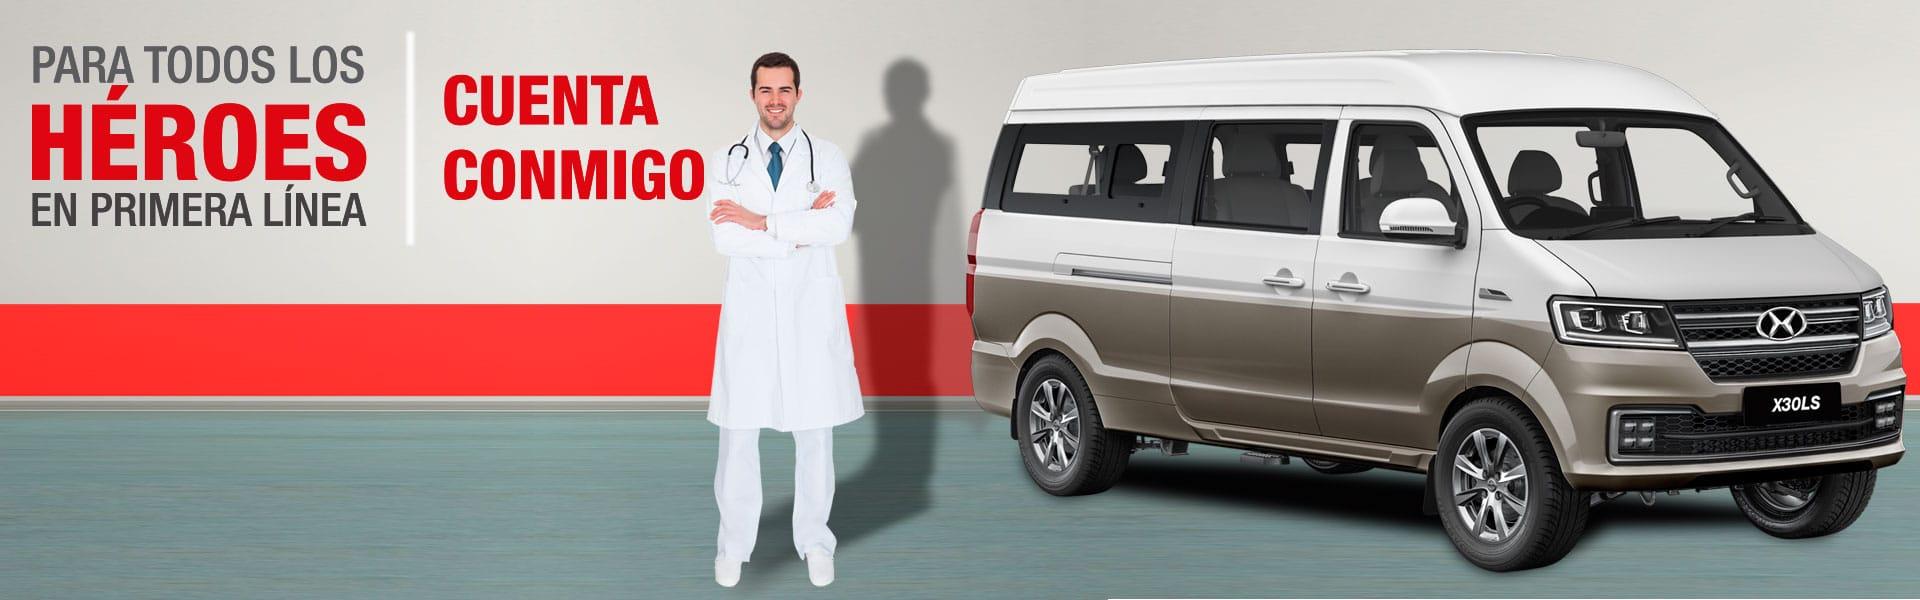 Campaña cuenta conmigo, médicos ecuatorianos van Ambacar Shineray X30LS